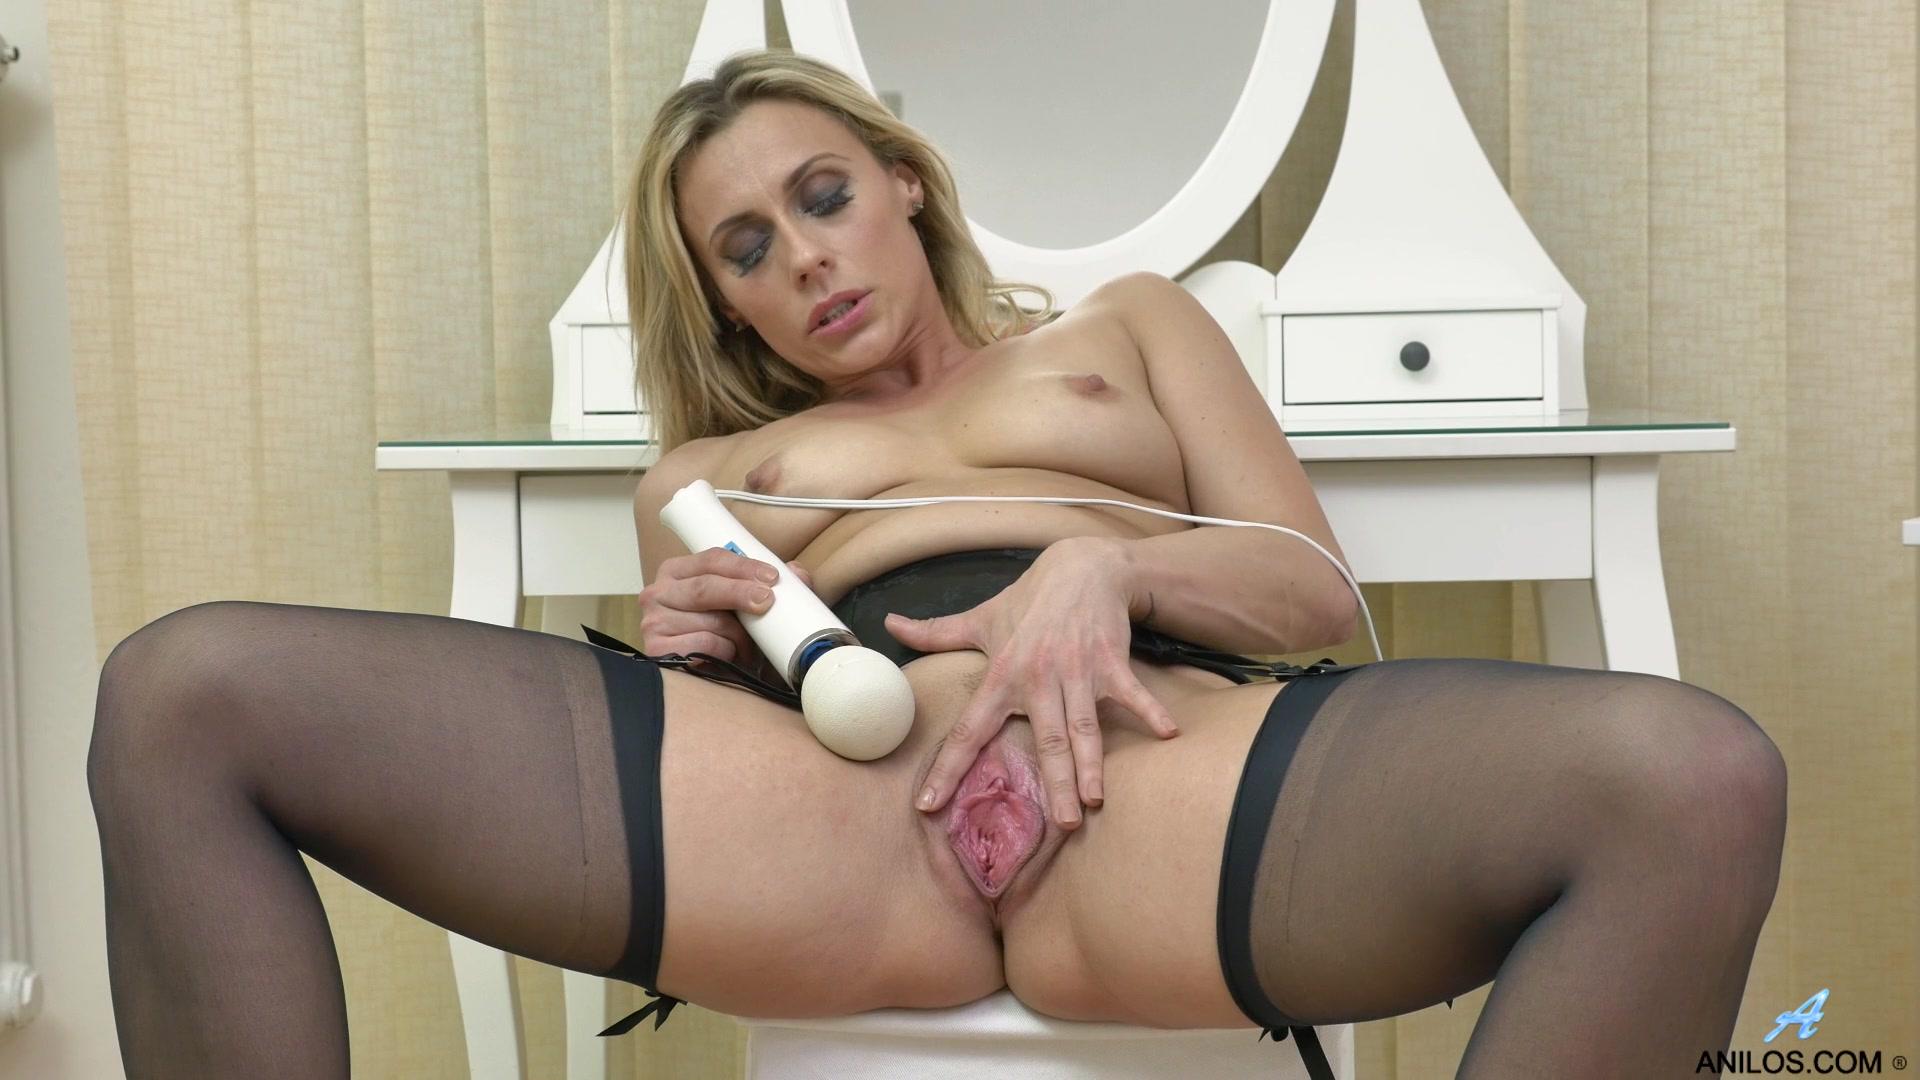 Тяжёлый Труд Секретарши Порно И Секс Фото С Большими Титьками